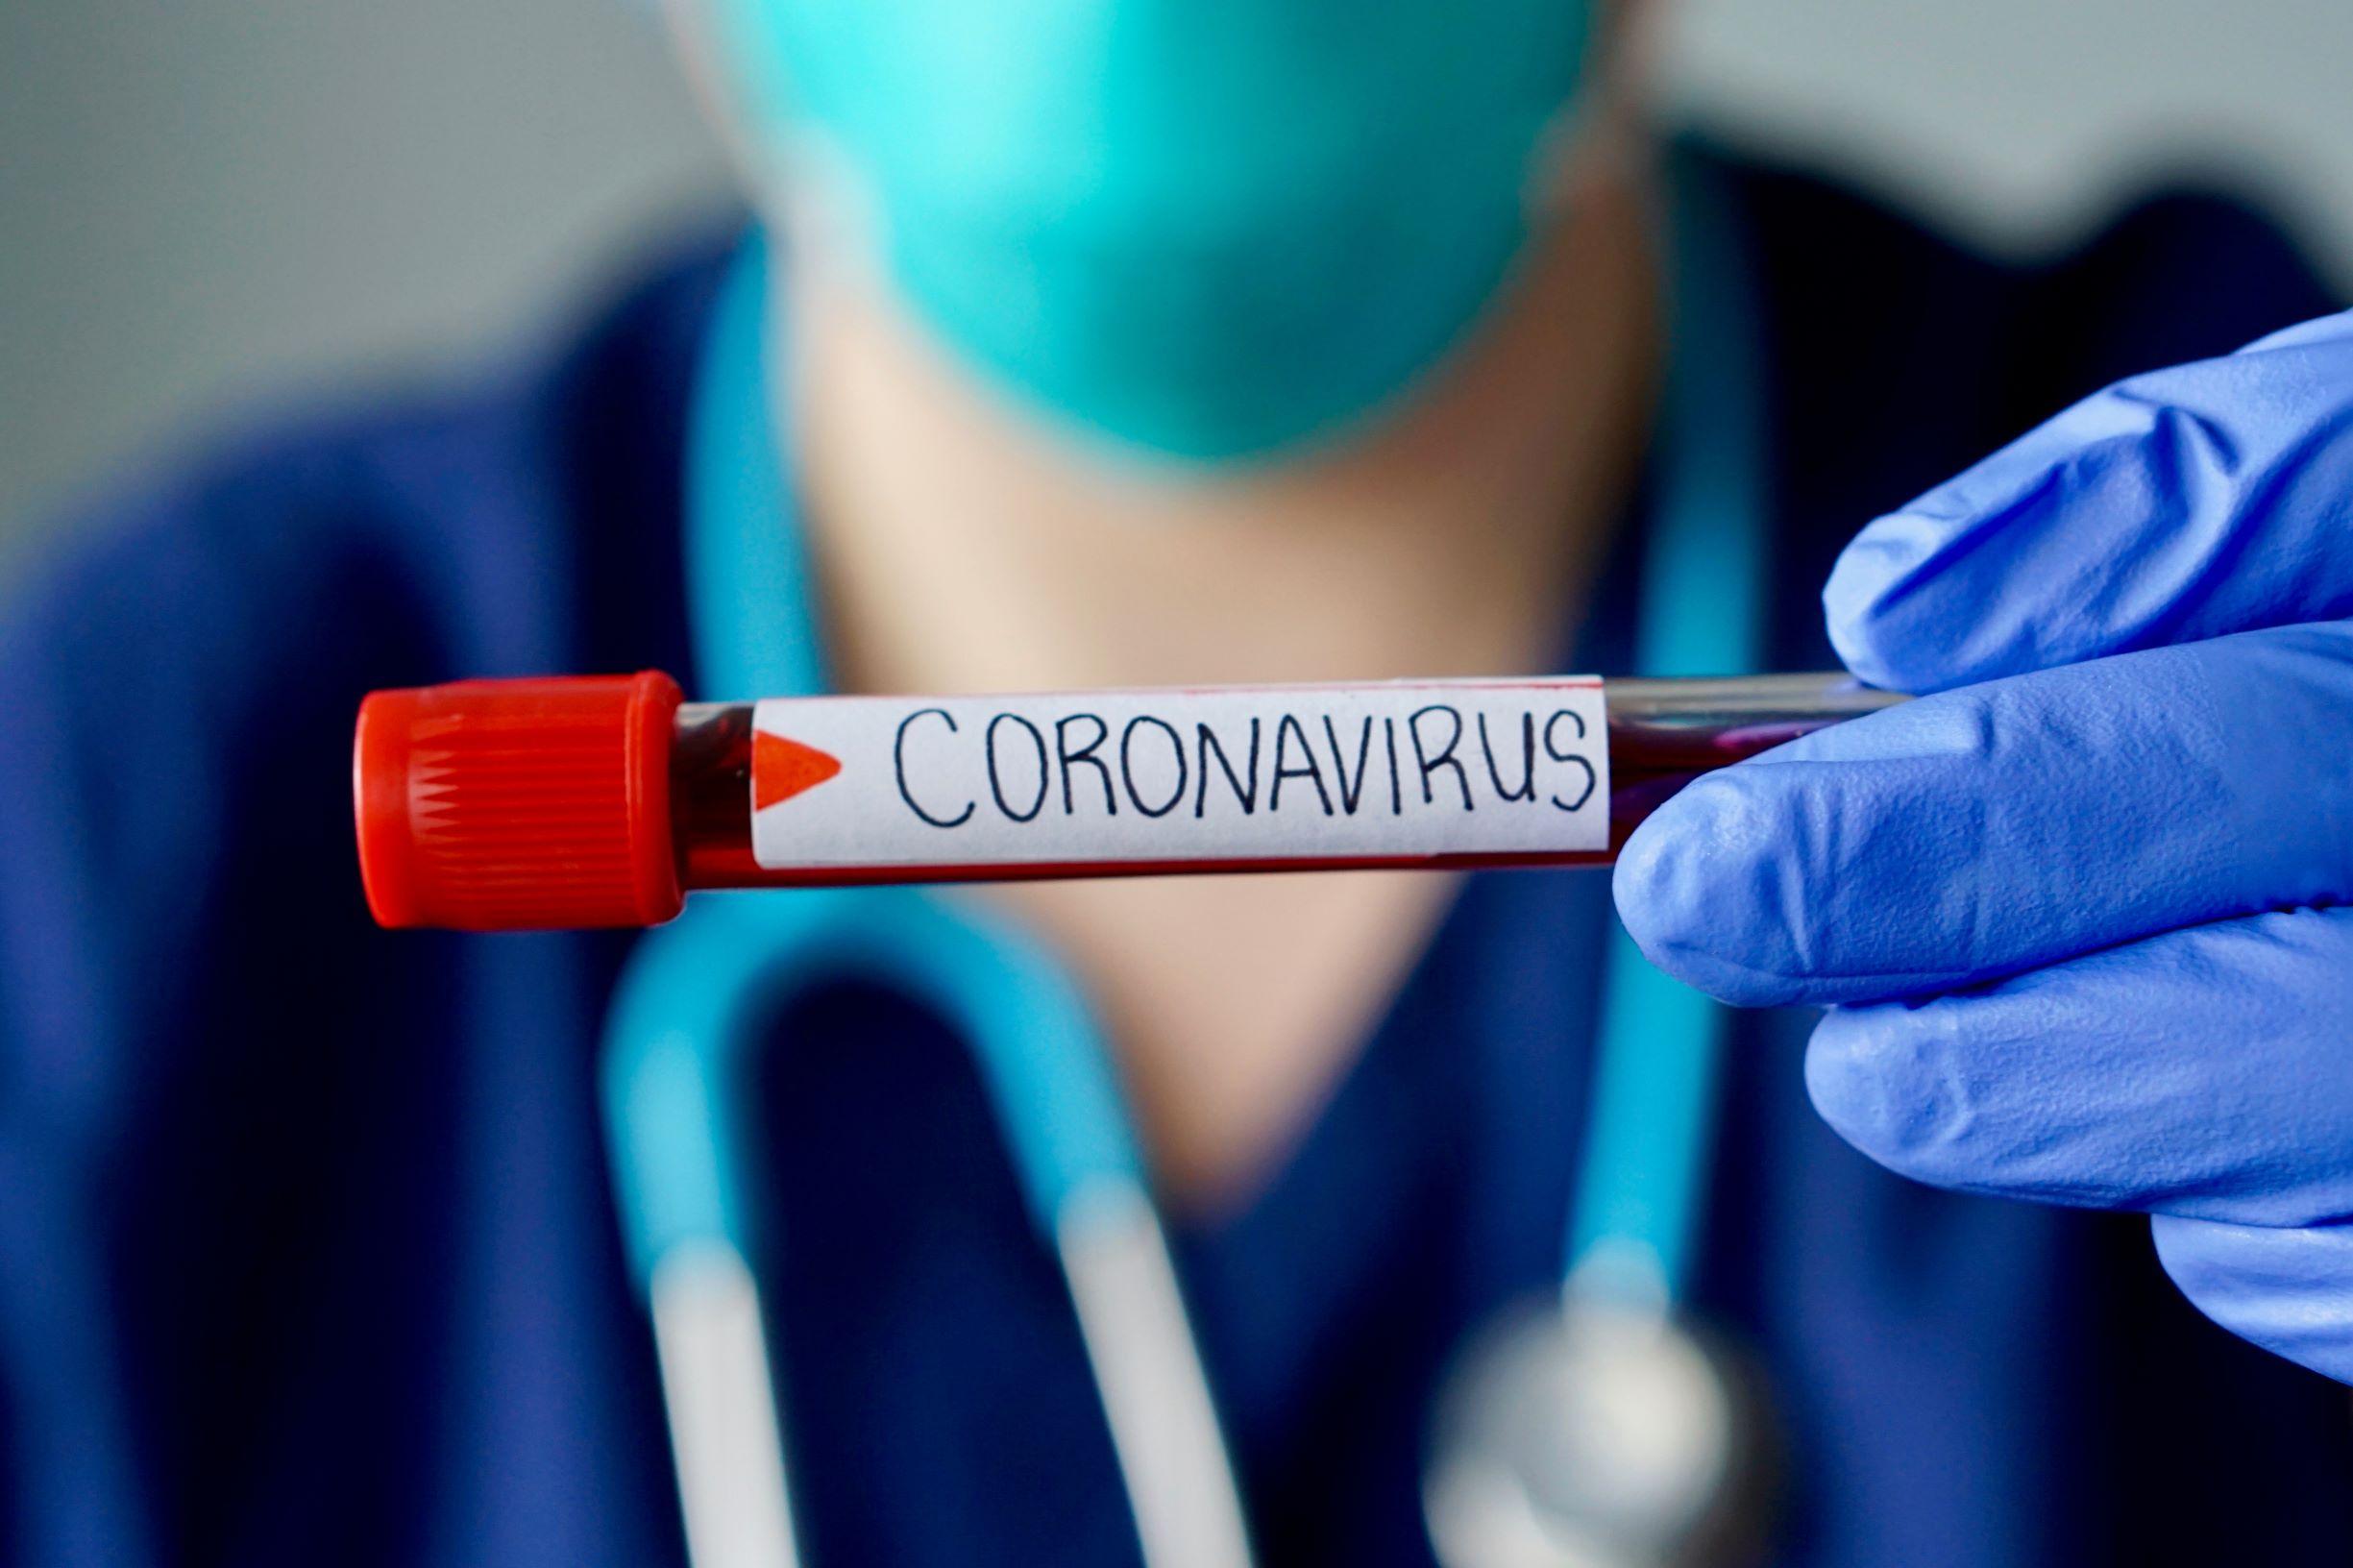 Coronavirus : nouvelle directive pour les fonctionnaires fédéraux